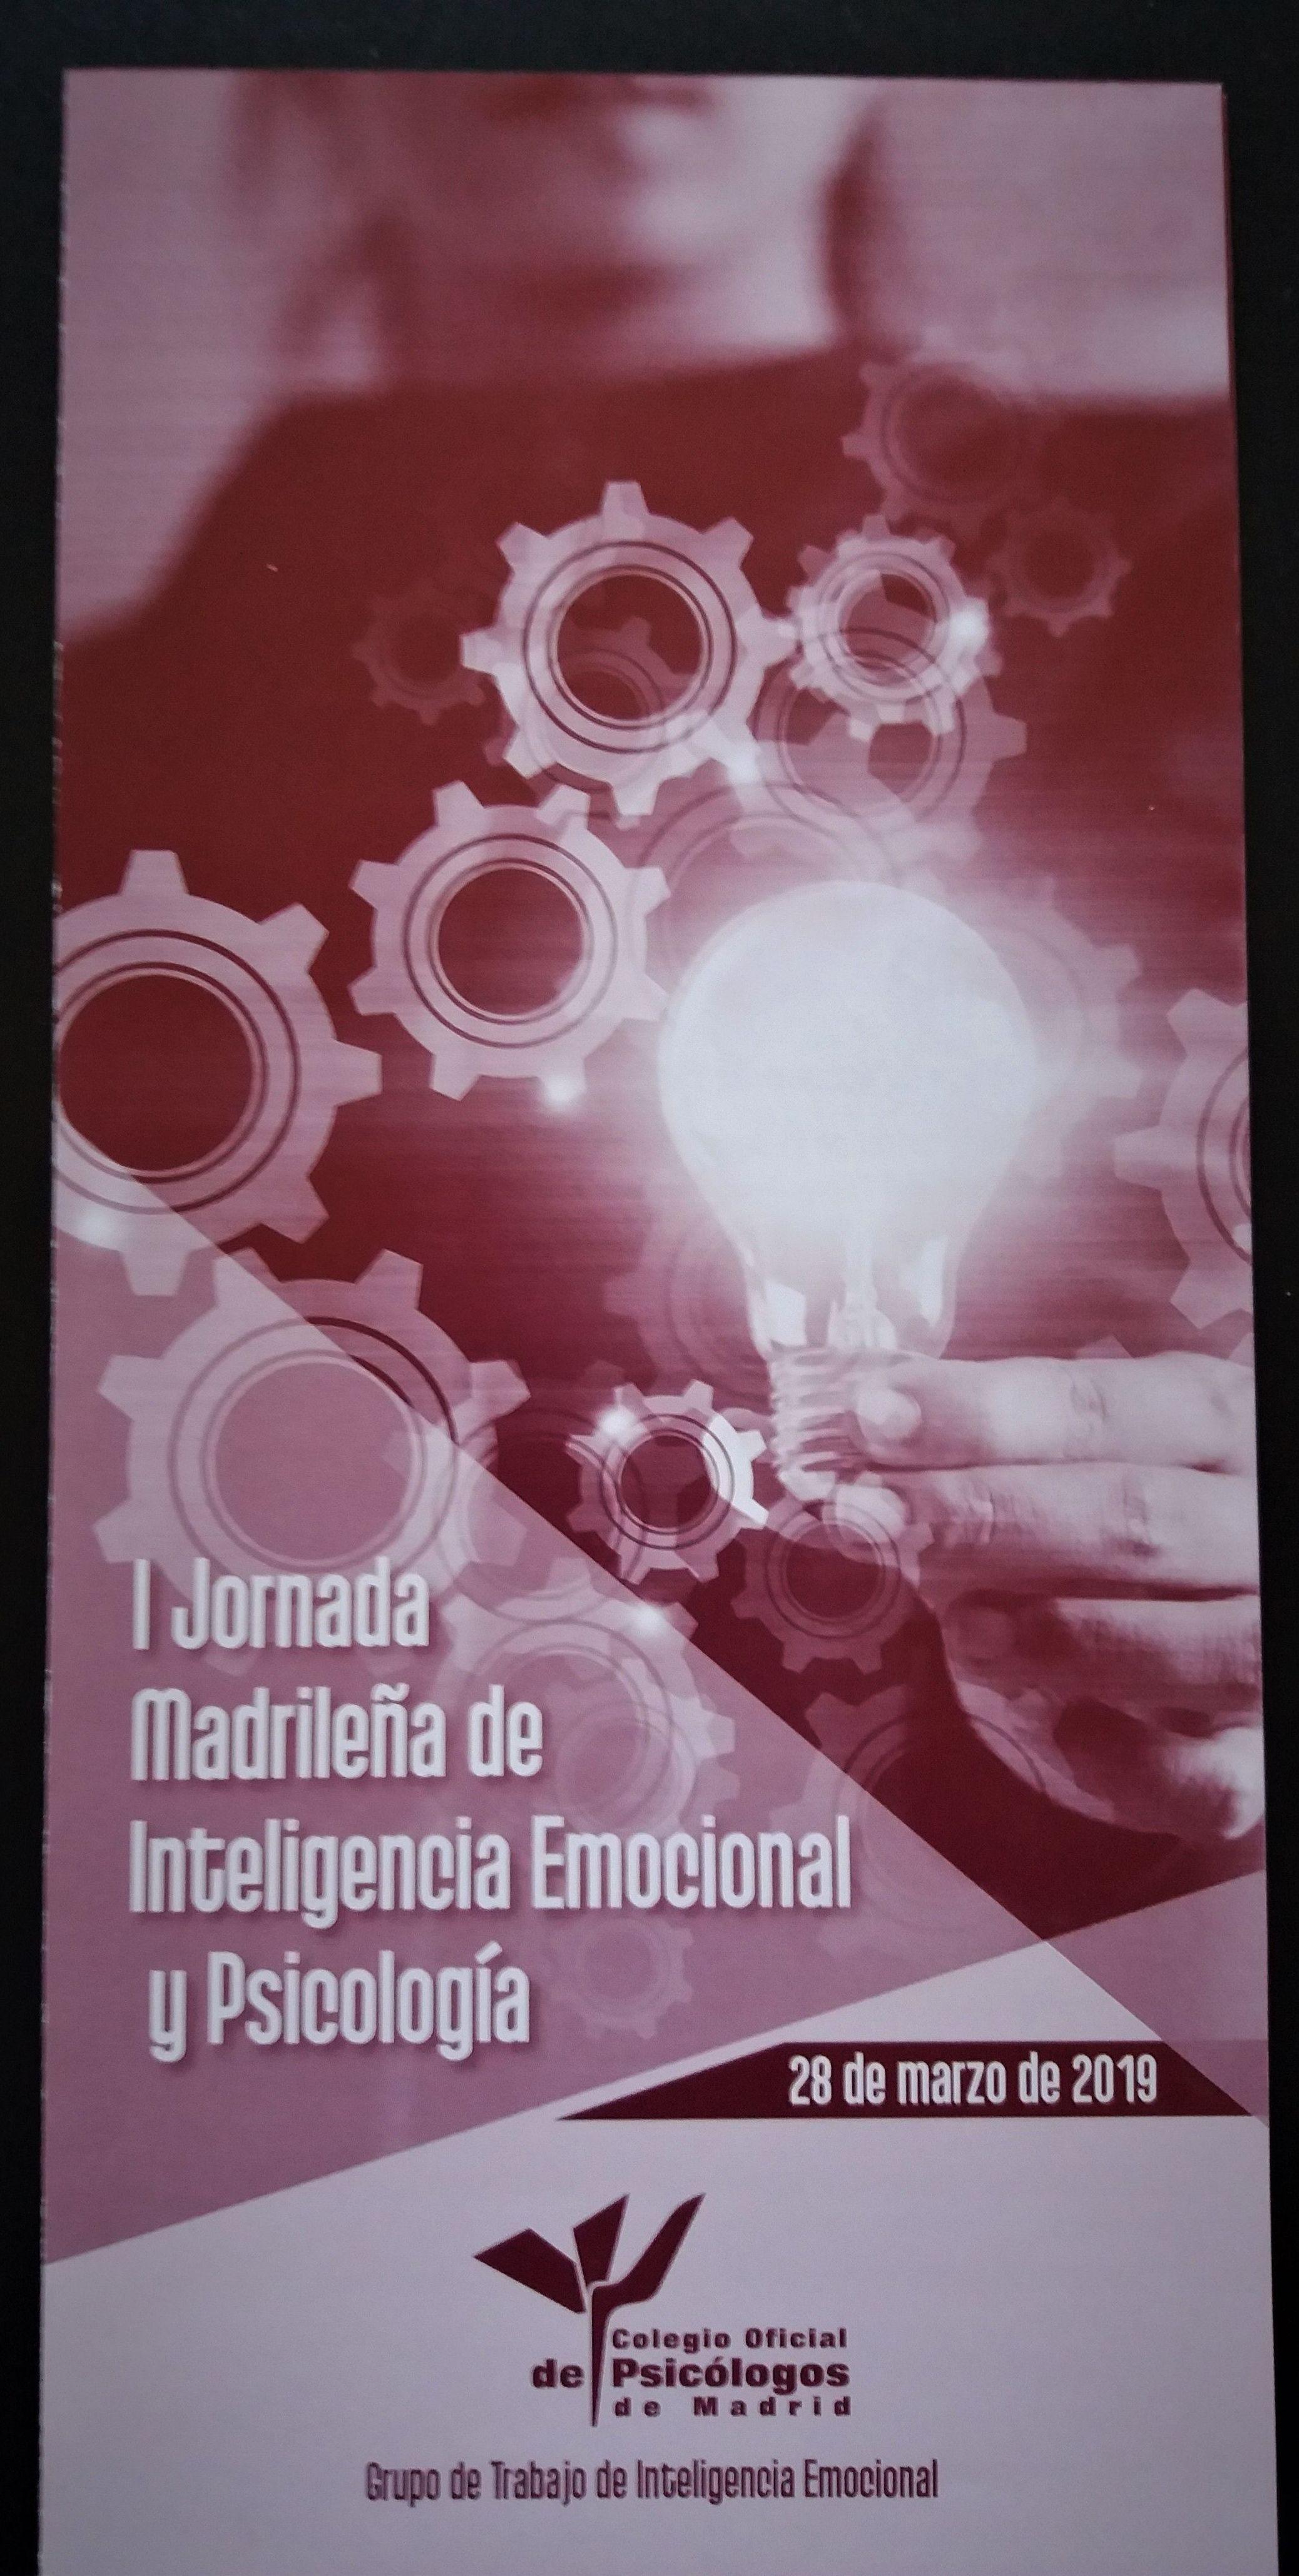 JORNADA DE INTELIGENCIA EMOCIONAL. Silvia Bautista. Psicóloga. Collado Villalba. Madrid.